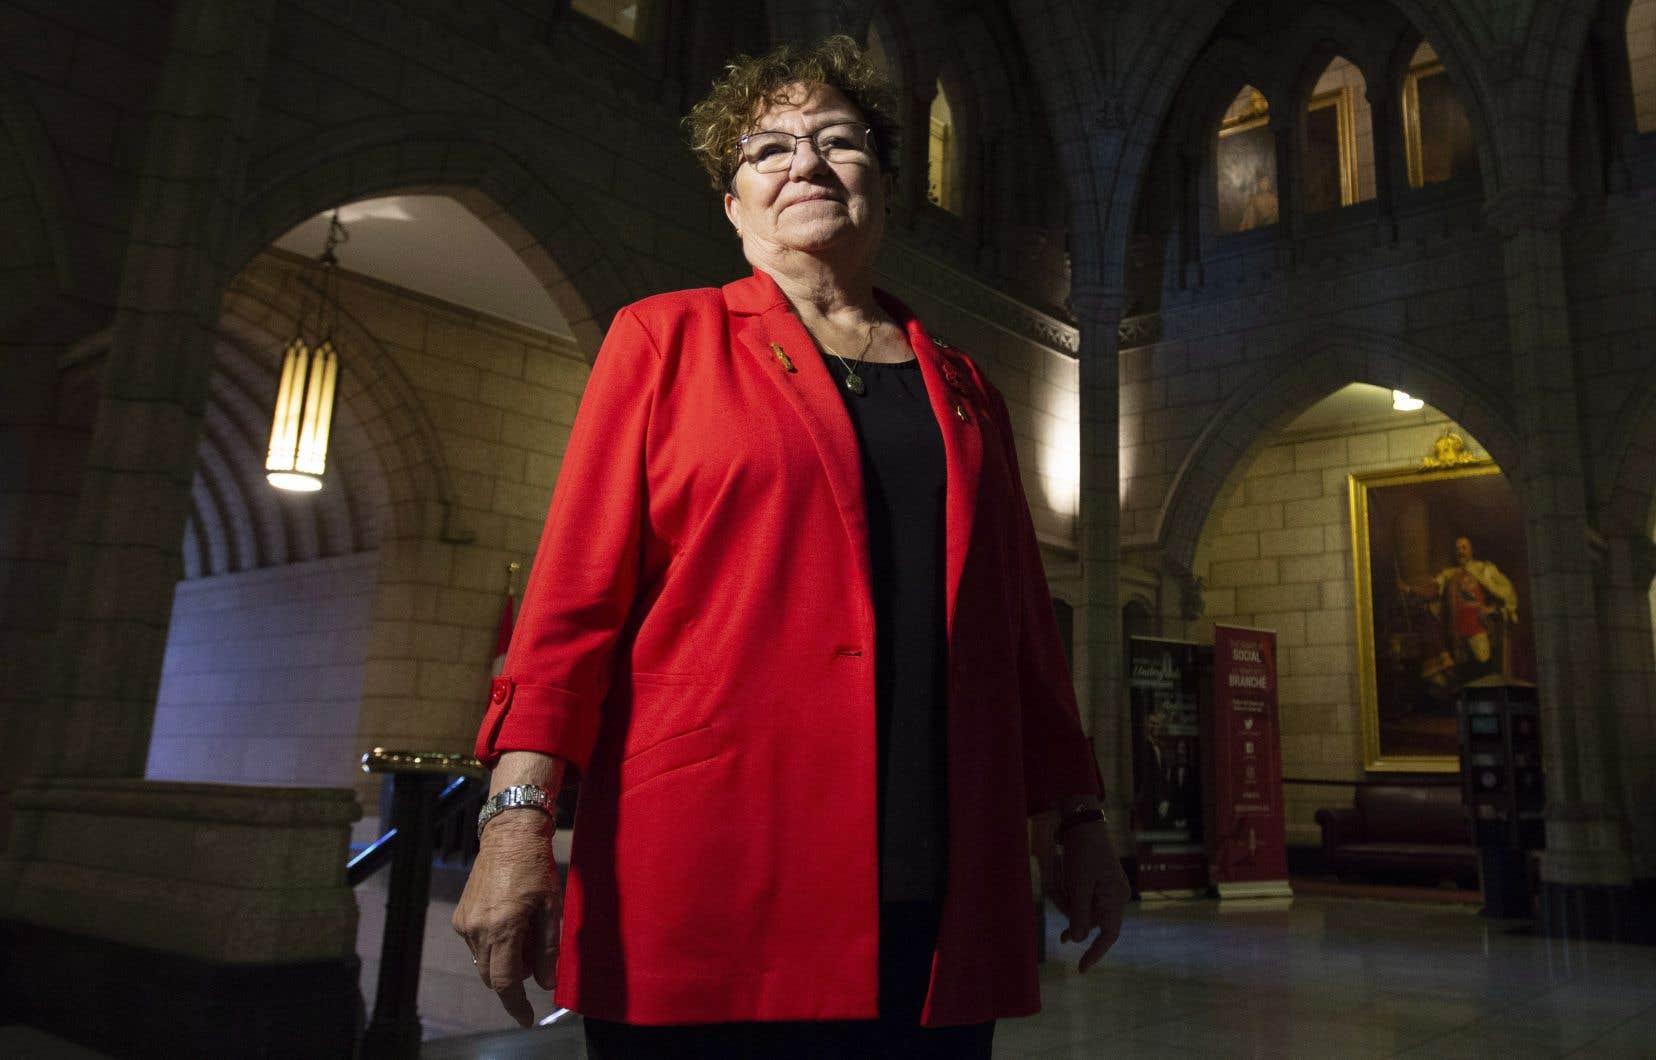 Selon la sénatrice de l'ontario Yvonne Boyer, la stérilisation des femmes autochtones demeure l'une des pratiques les plus odieuses en matière de soins de santé au Canada.